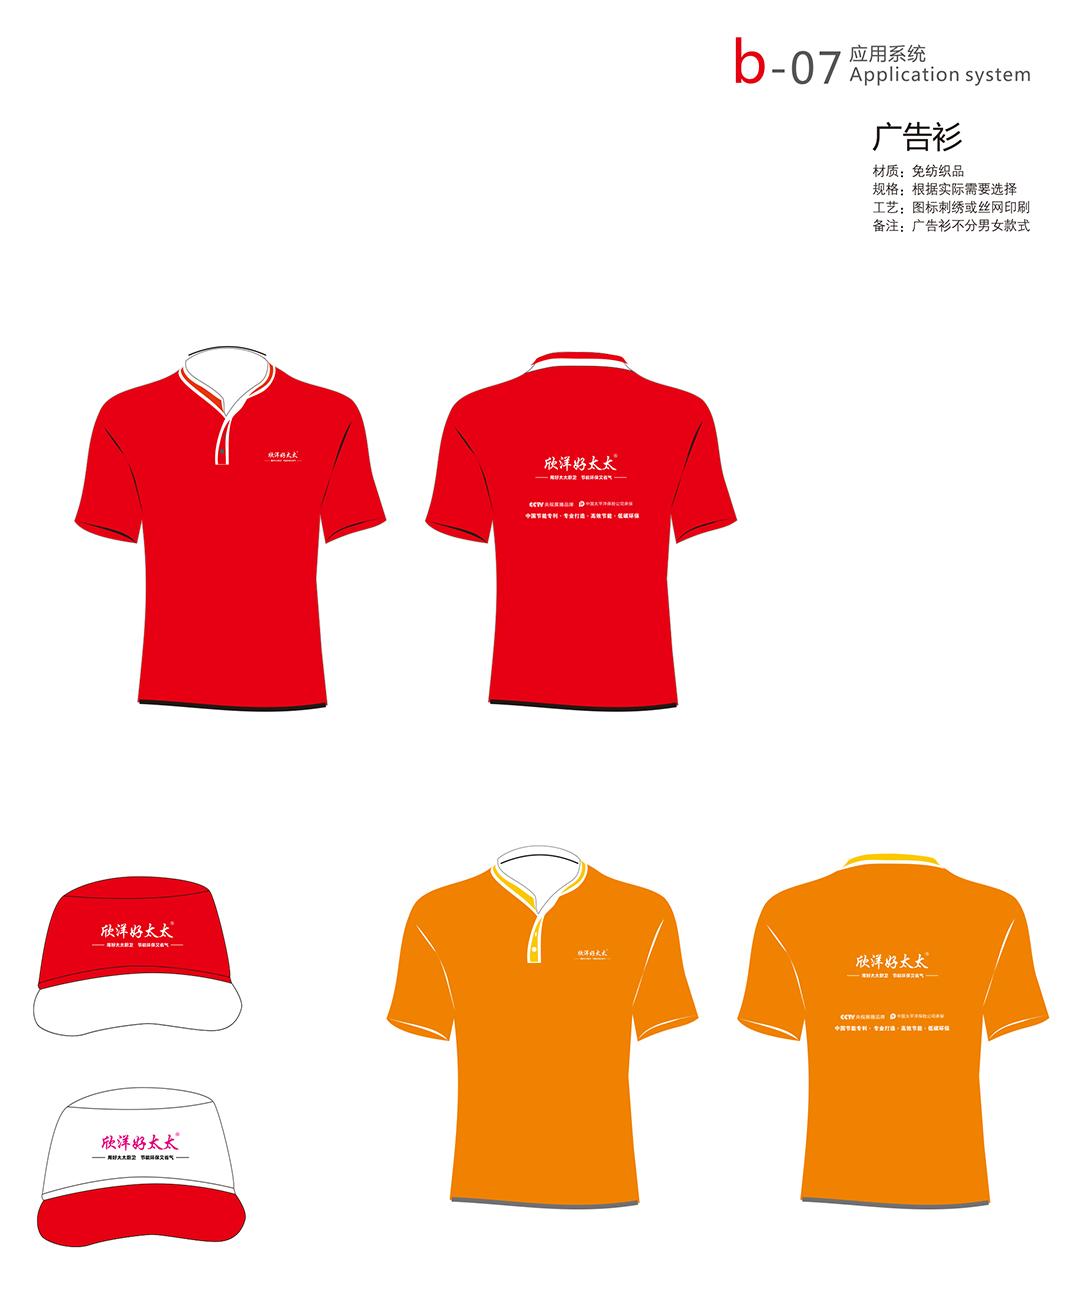 服装 设计 矢量 矢量图 素材 运动衣 1070_1298